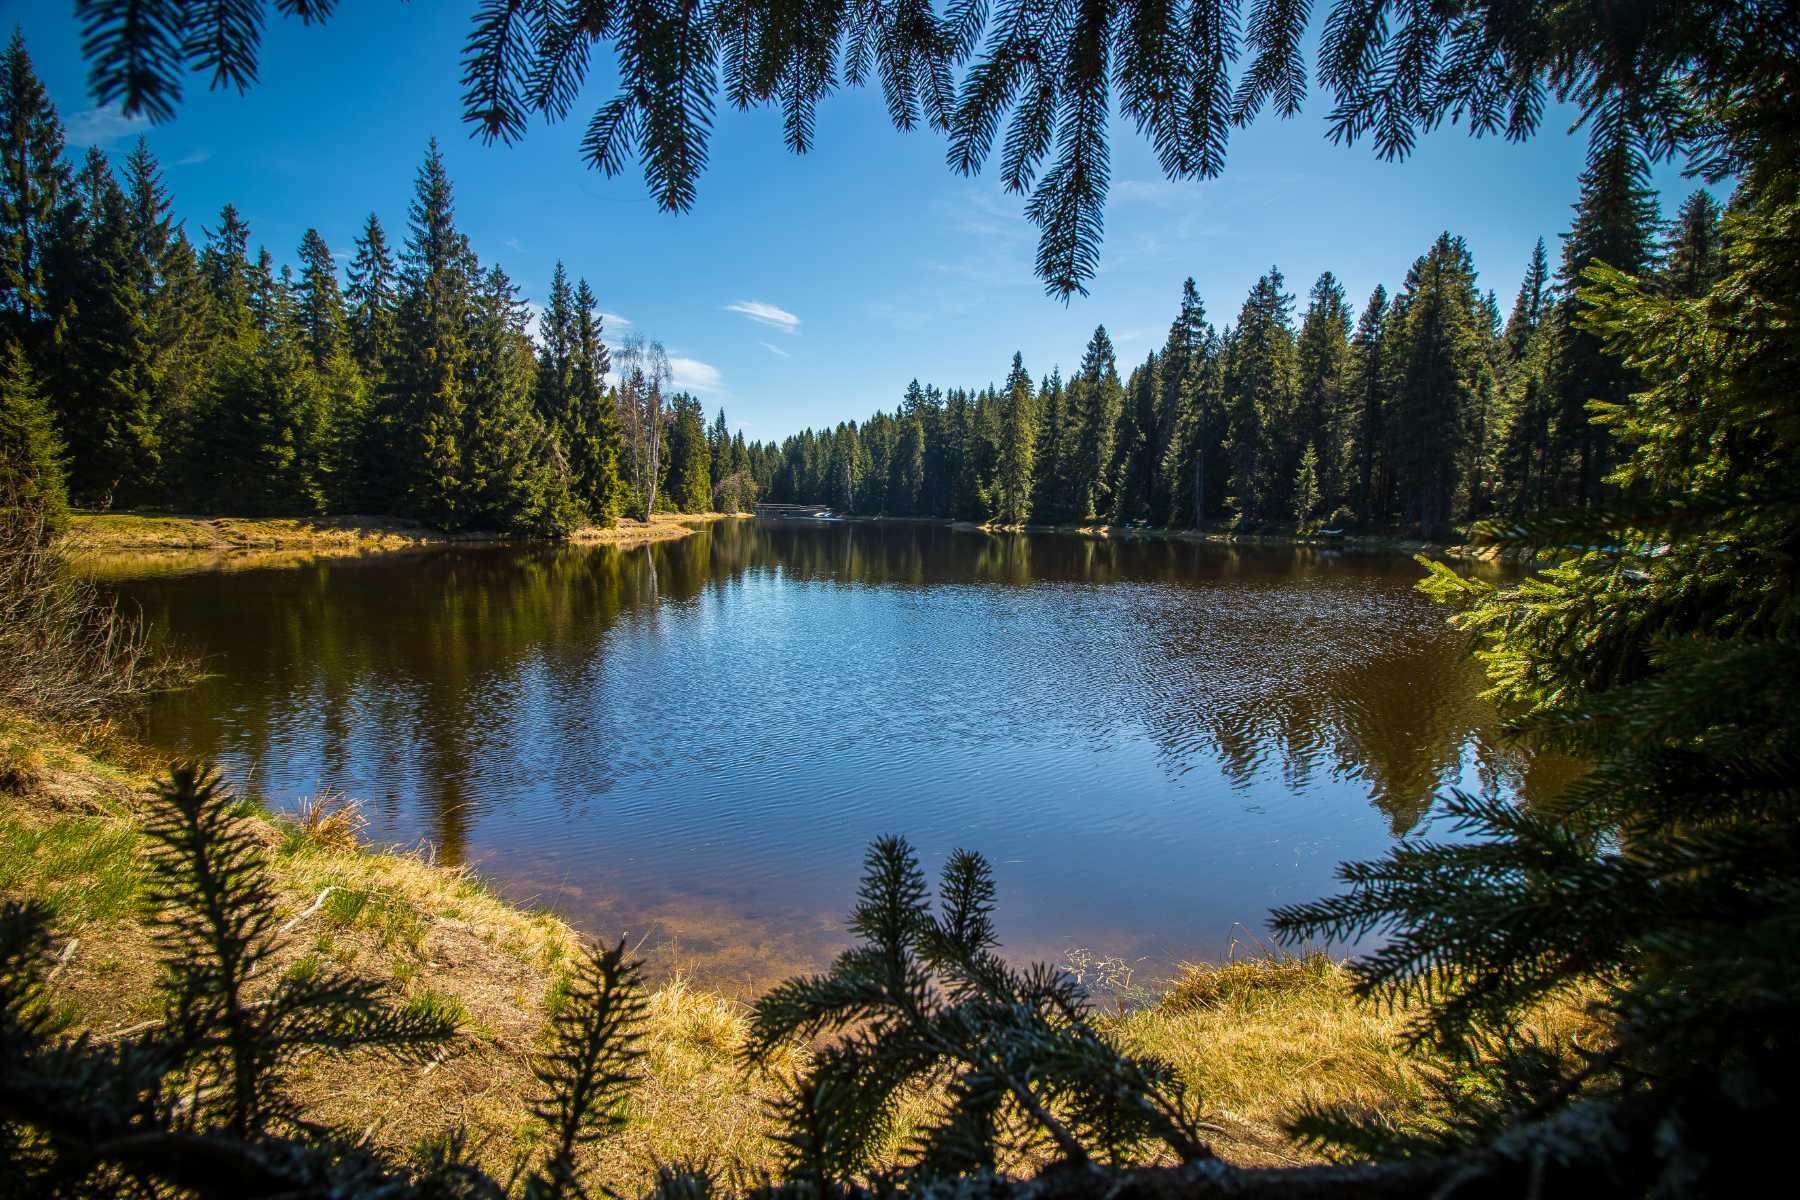 Blatný rybník poblíž Nové Louky v Jizerských horách - tmavá voda díky zdejší rašelině